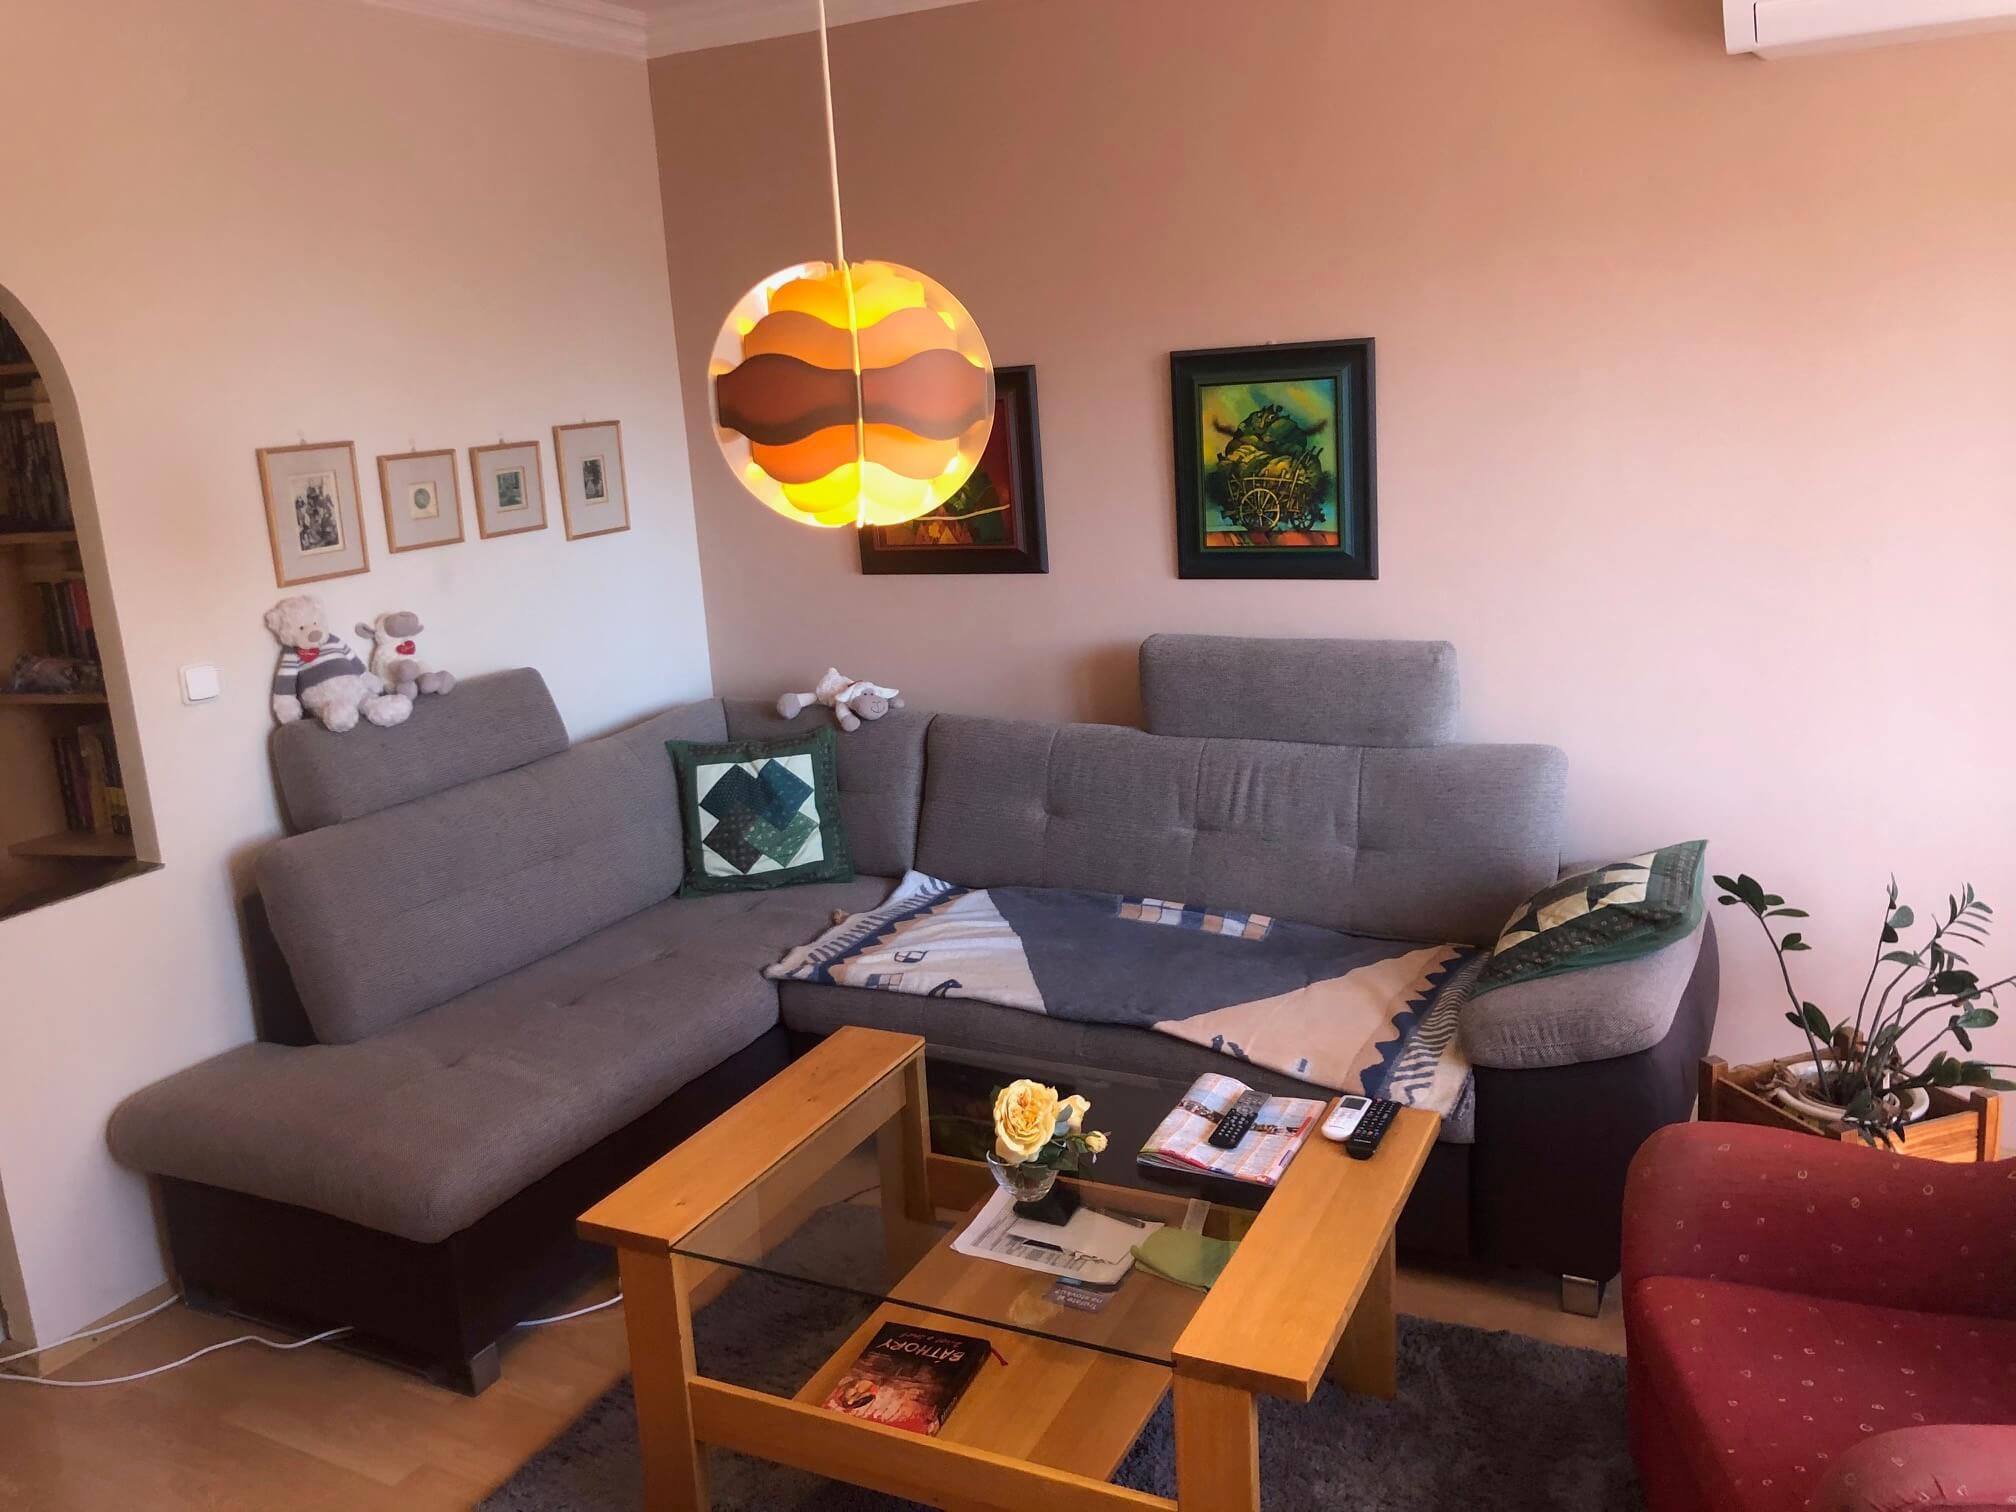 Predané: Exkluzívne na predaj 3 izbový byt, Devínska Nová Ves, Jána Poničana 3, 65m2, balkon 4m2,klimatizácia-4